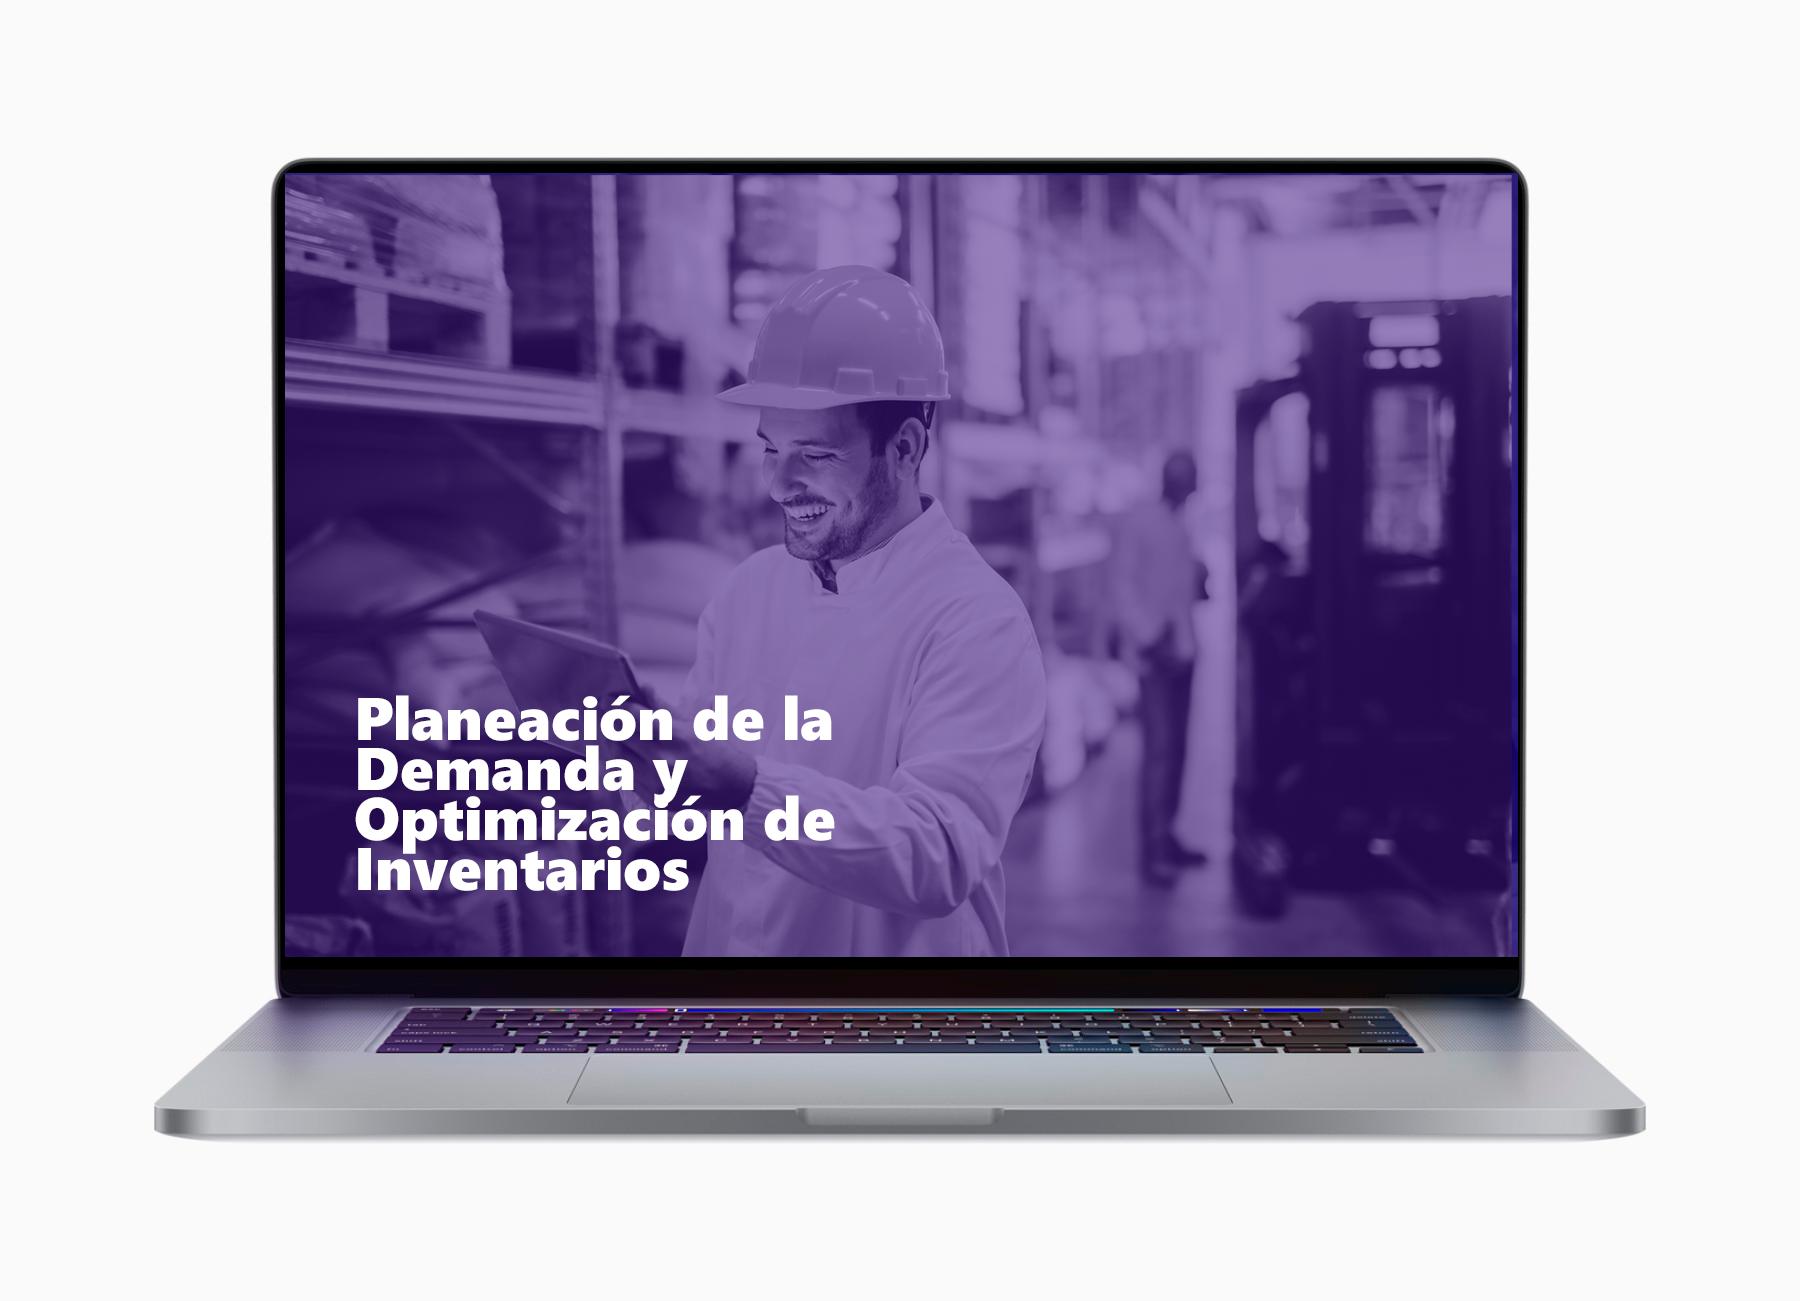 webinar-lap-Planeación-de-la-Demanda-y-Optimización-de-Inventarios